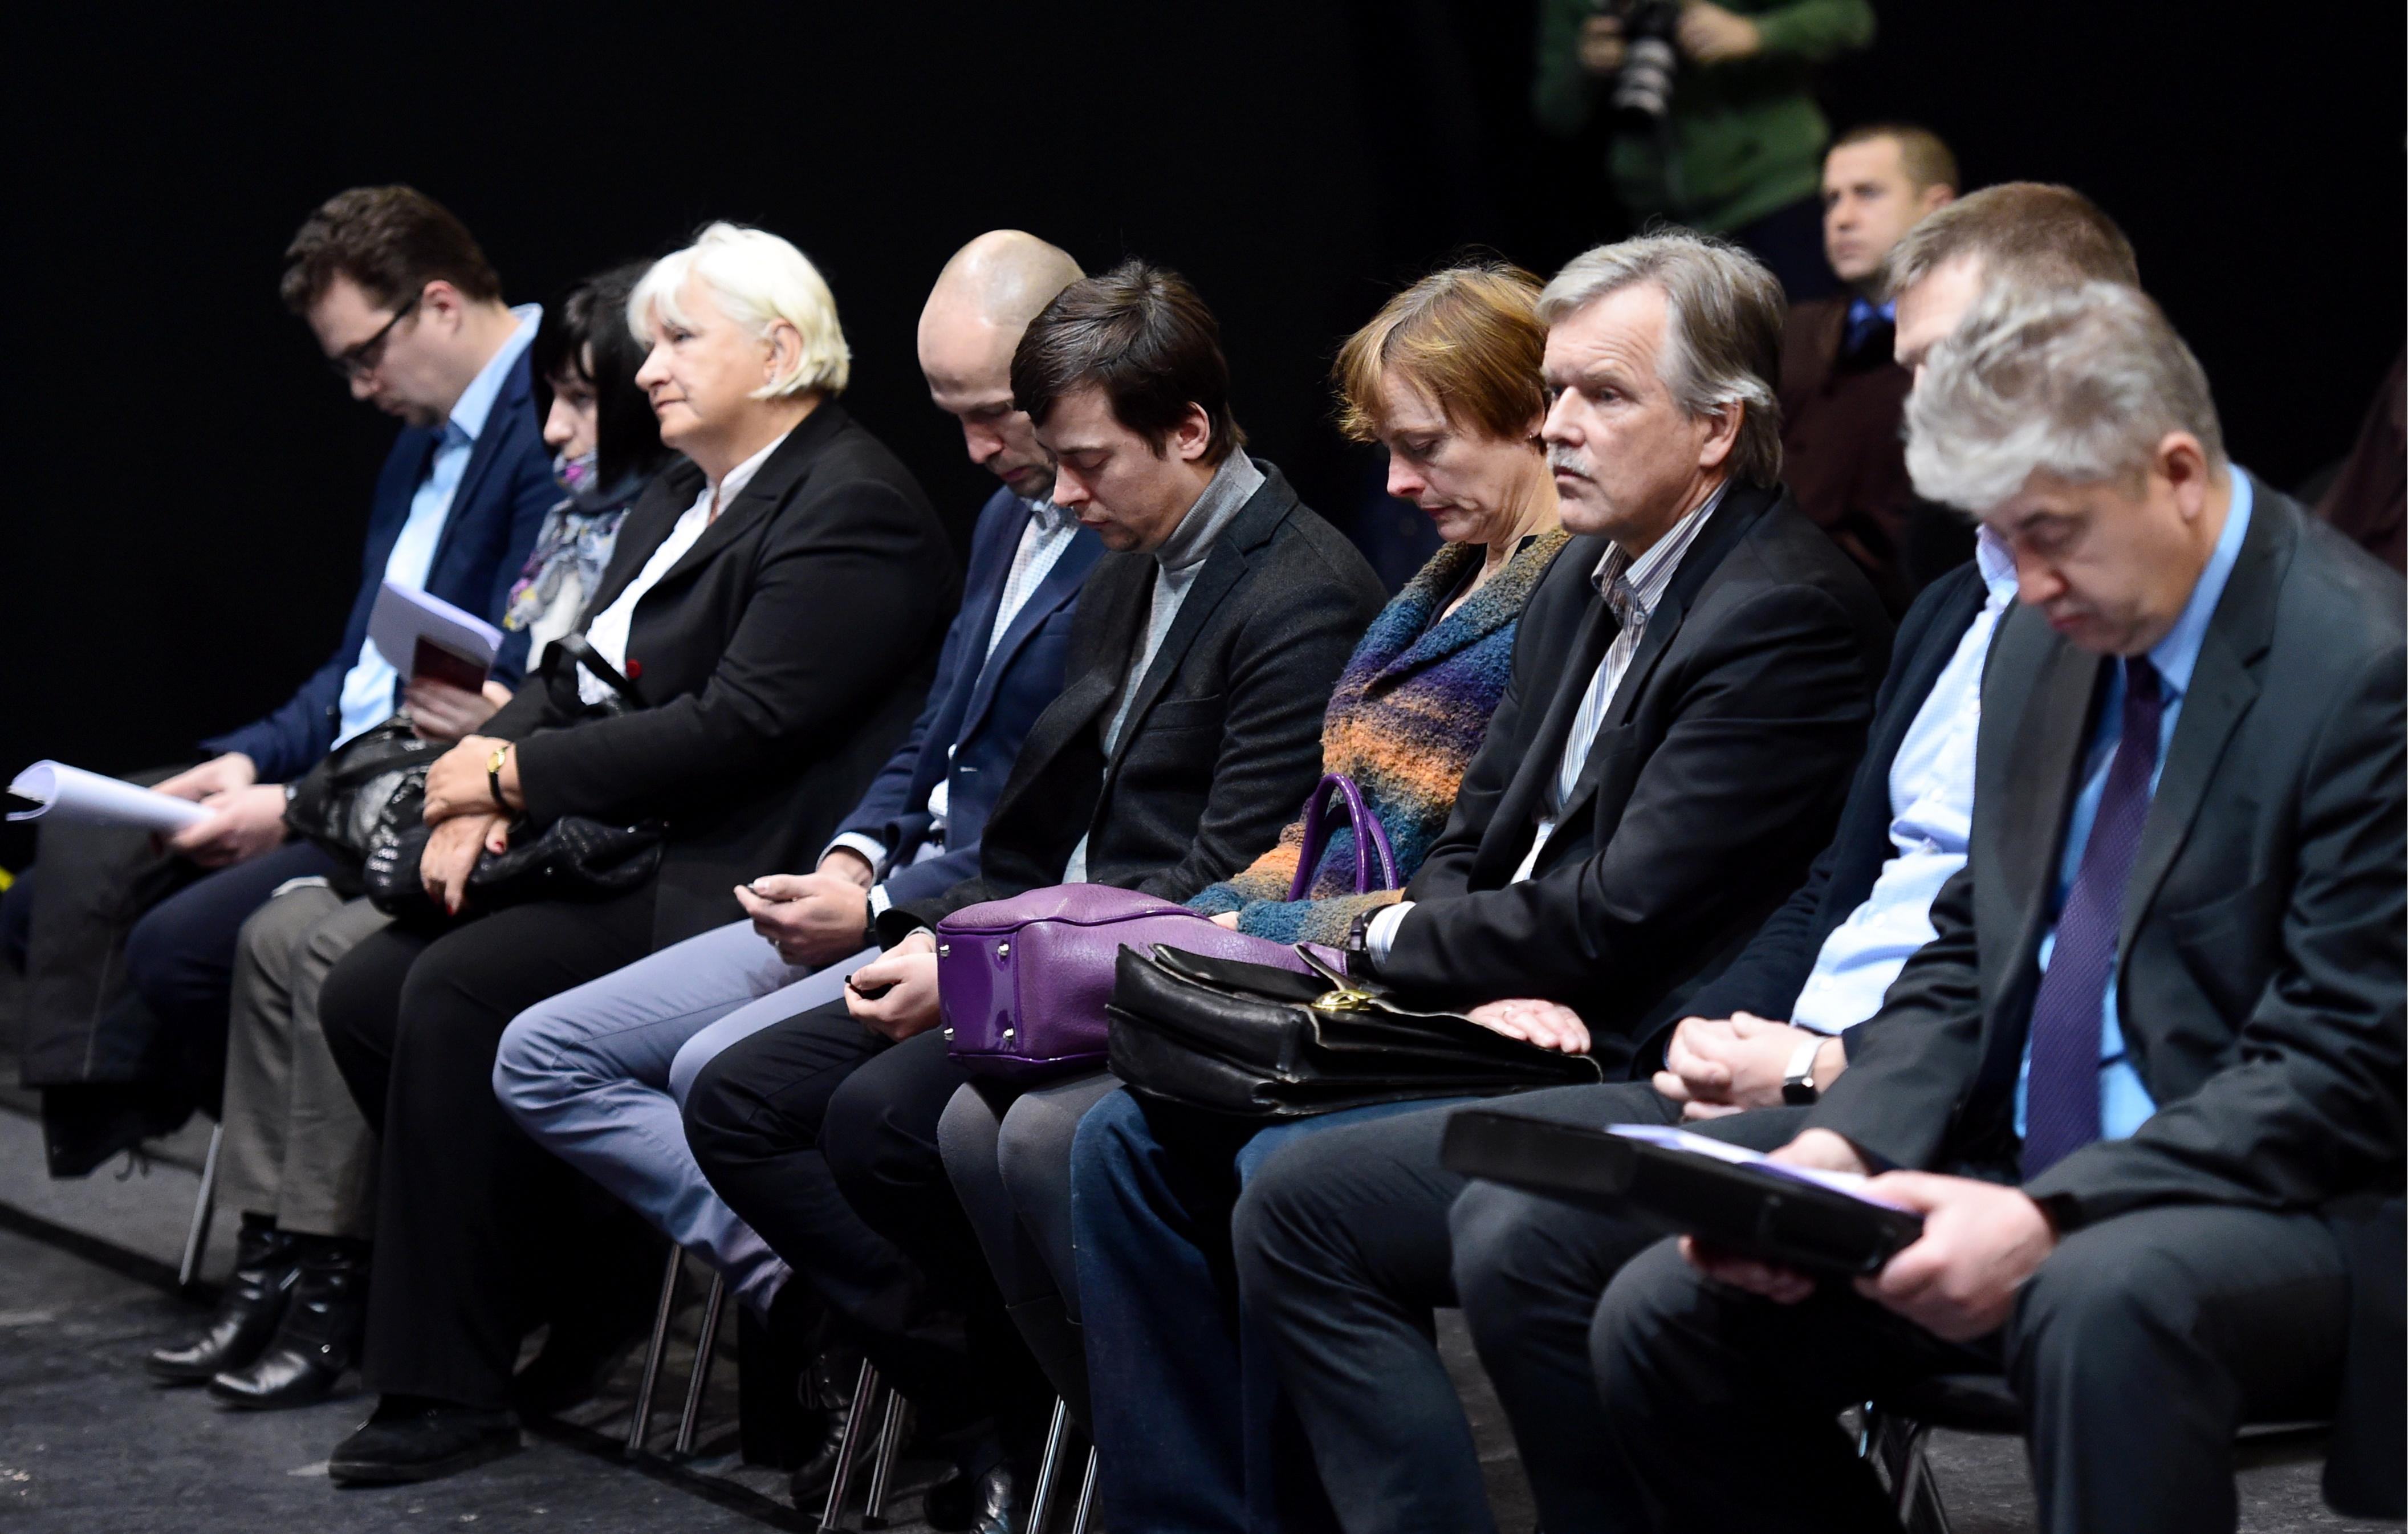 """Zolitūdes traģēdijā apsūdzētie – sabrukušā lielveikala """"Maxima"""" būvinženieris Ivars Sergets (no kreisās), būvinspekcijas priekšnieka vietniece Aija Meļņikova, bijusī Rīgas pilsētas būvvaldes Juridiskās nodaļas Būvniecības uzraudzības nodaļas eksperte Marika Treija, arhitektu biroja """"Kubs"""" valdes loceklis, arhitekts Andris Kalinka, bijušais Rīgas pilsētas būvinspekcijas priekšnieka vietnieks Jānis Balodis, """"Maxima Latvija"""" darbiniece Inna Šuvajeva, lielveikala """"Maxima"""" projekta būvekspertīzes veicējs Andris Gulbis, būvdarbu vadītājs, SIA """"Re&RE;"""" projektu vadītājs Staņislavs Kumpiņš un sabrukušā lielveikala celtniecības būvuzraugs Mārtiņš Draudiņš Rīgas pilsētas Zemgales priekšpilsētas tiesas sēdes laikā, kurā izskata Zolitūdes traģēdijas krimināllietu."""